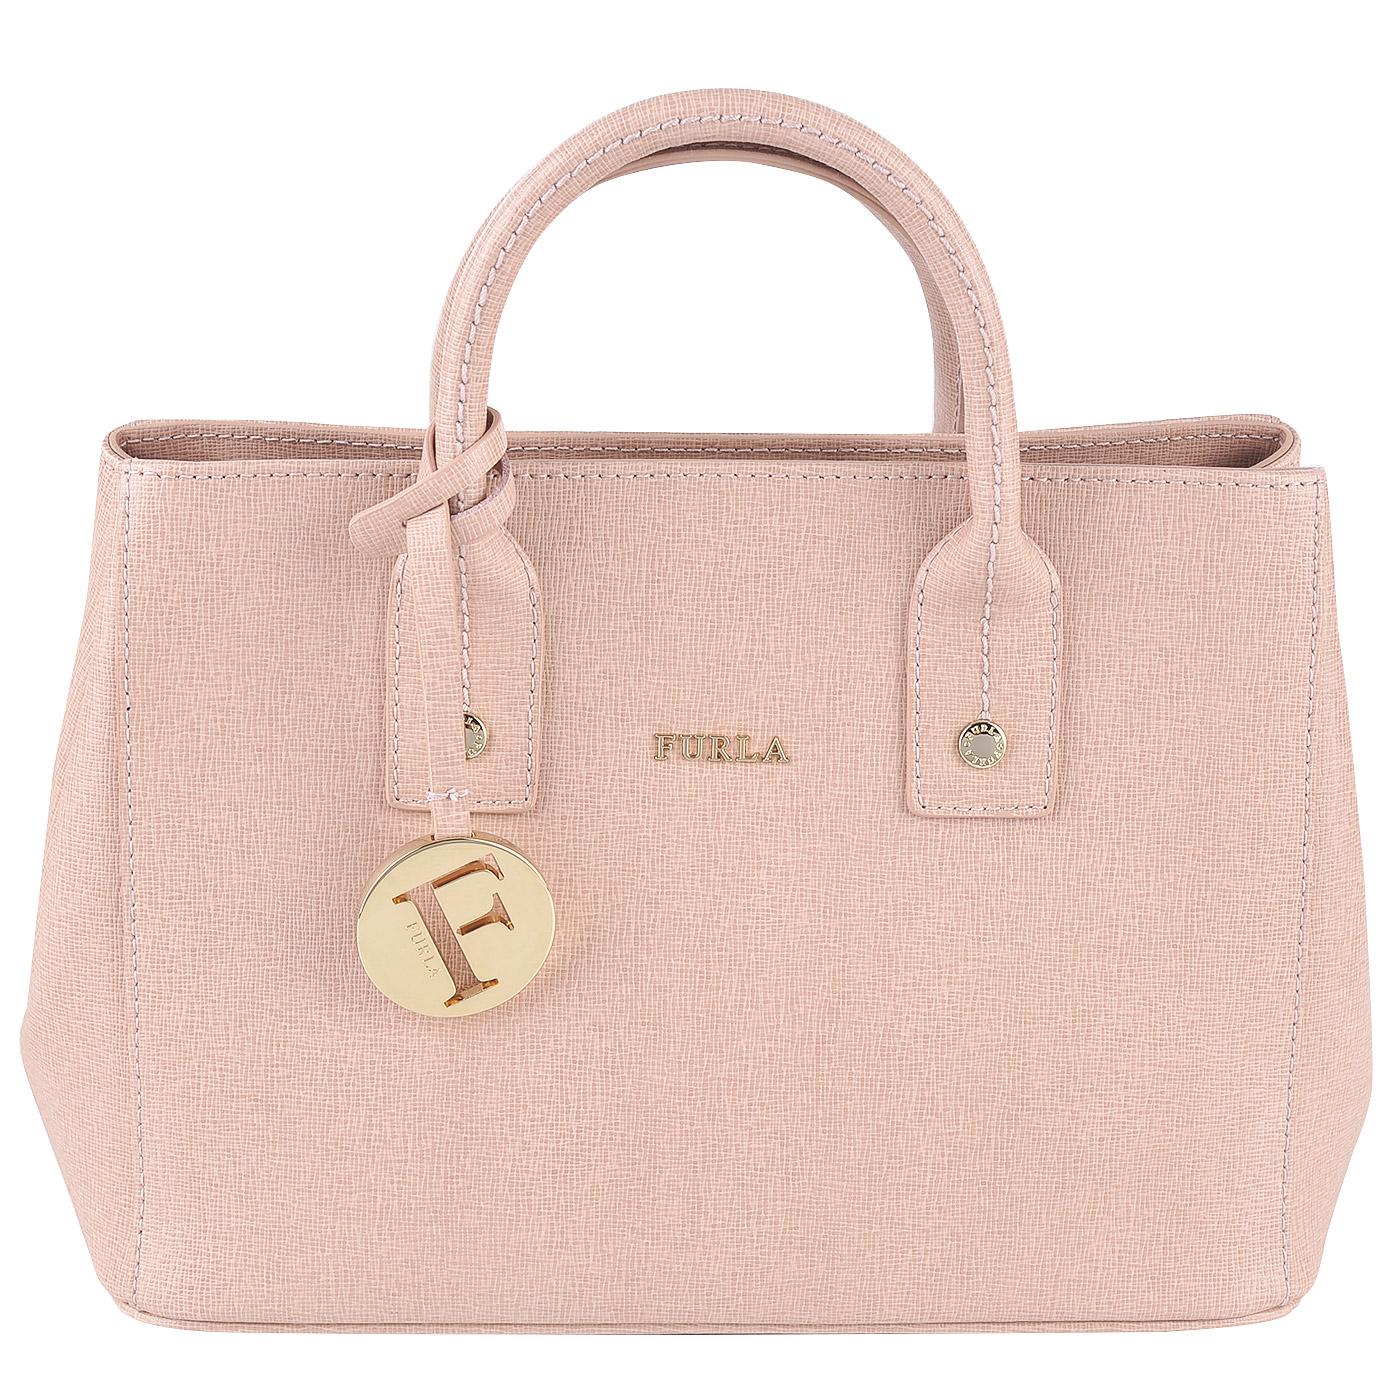 26eab2061dfc Женская кожаная сумка Furla Linda Женская кожаная сумка Furla Linda ...